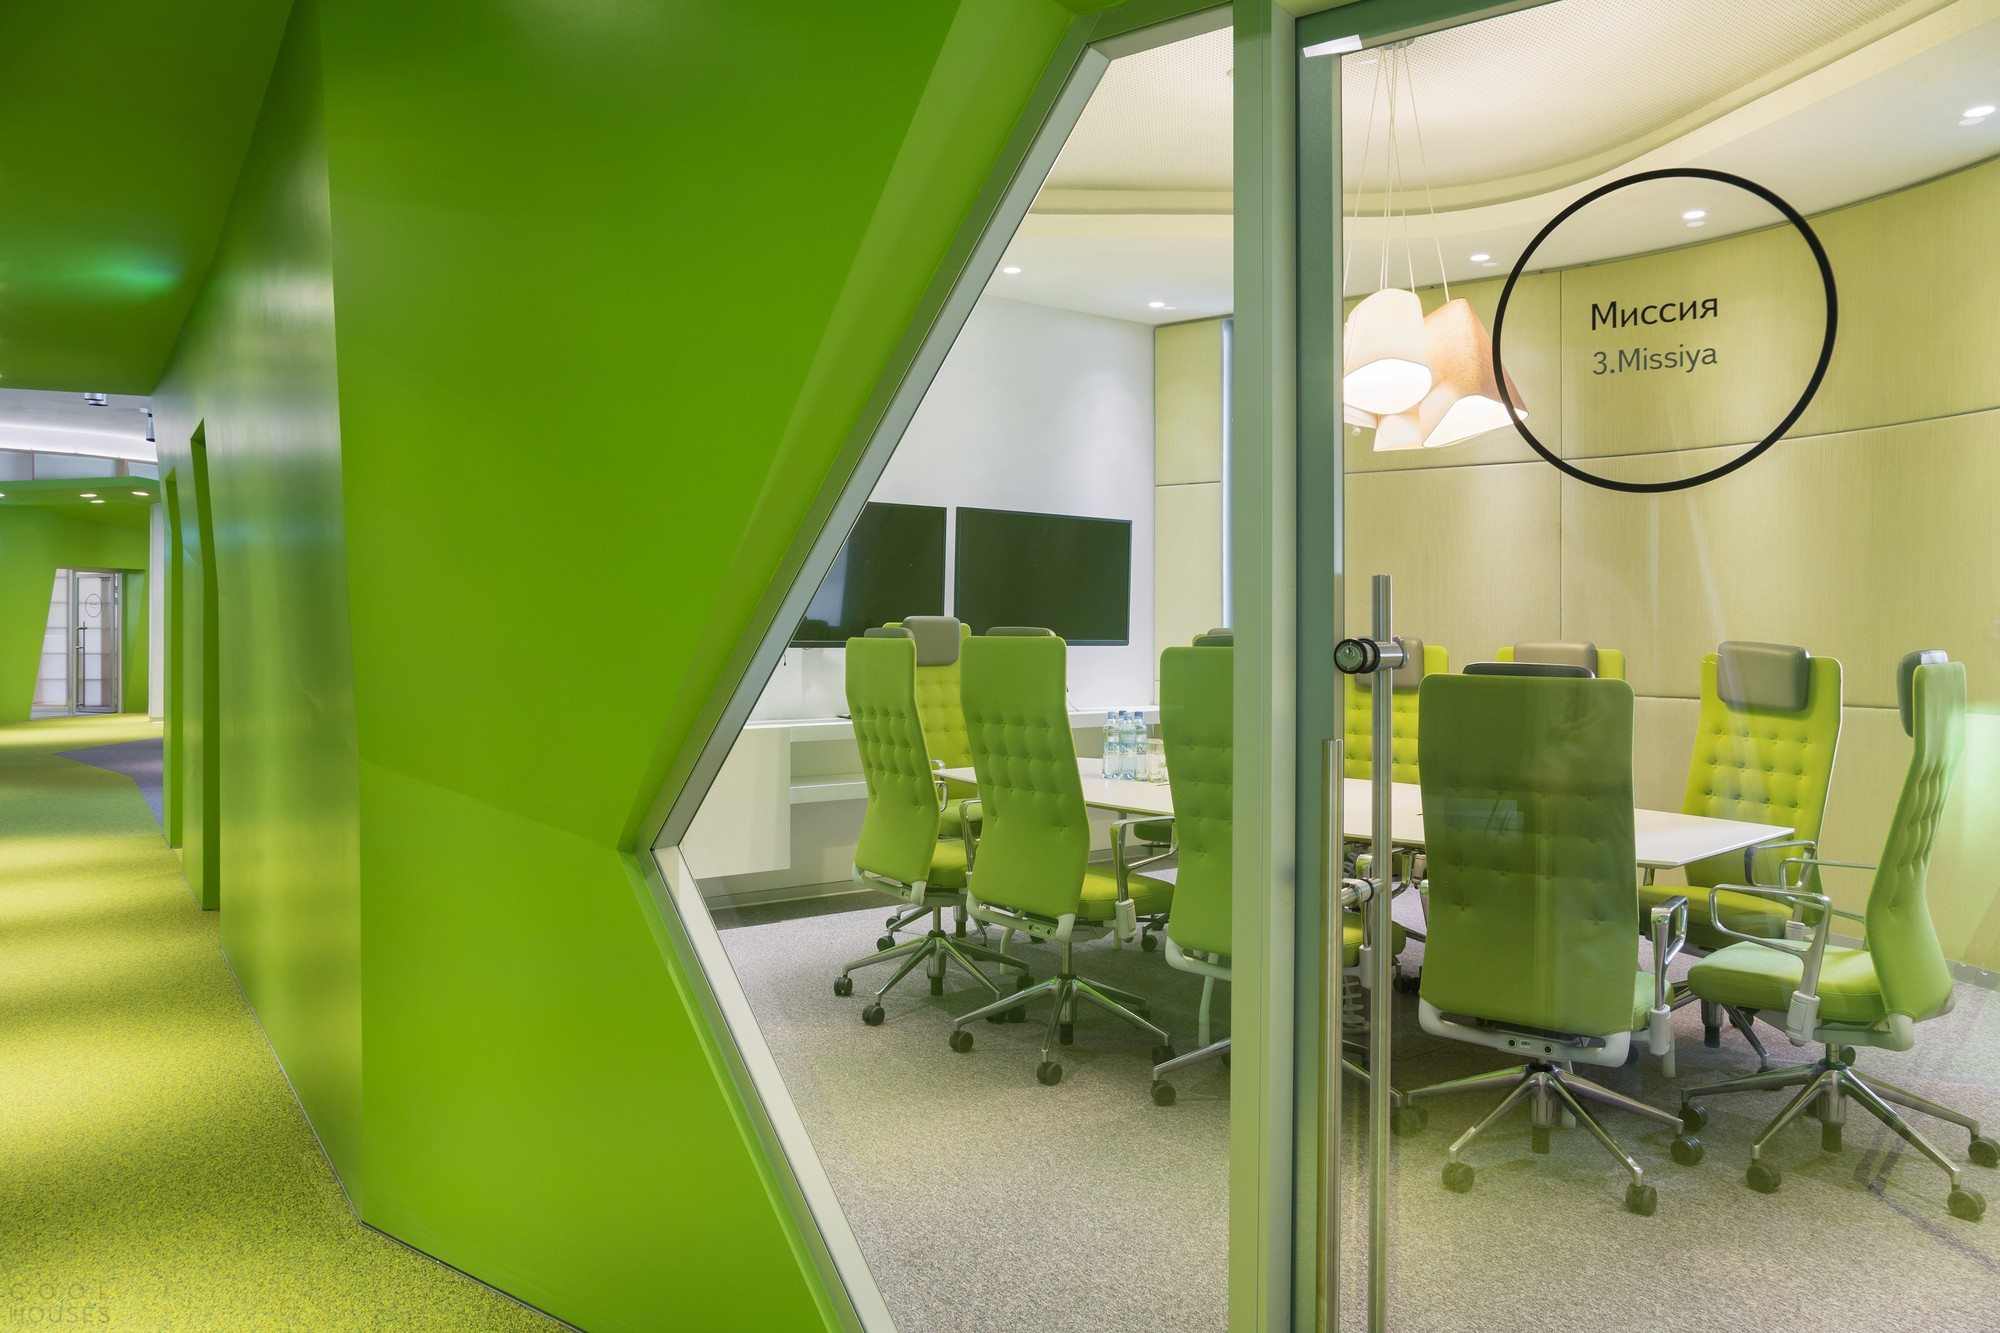 Офис компании Яндекс в Москве